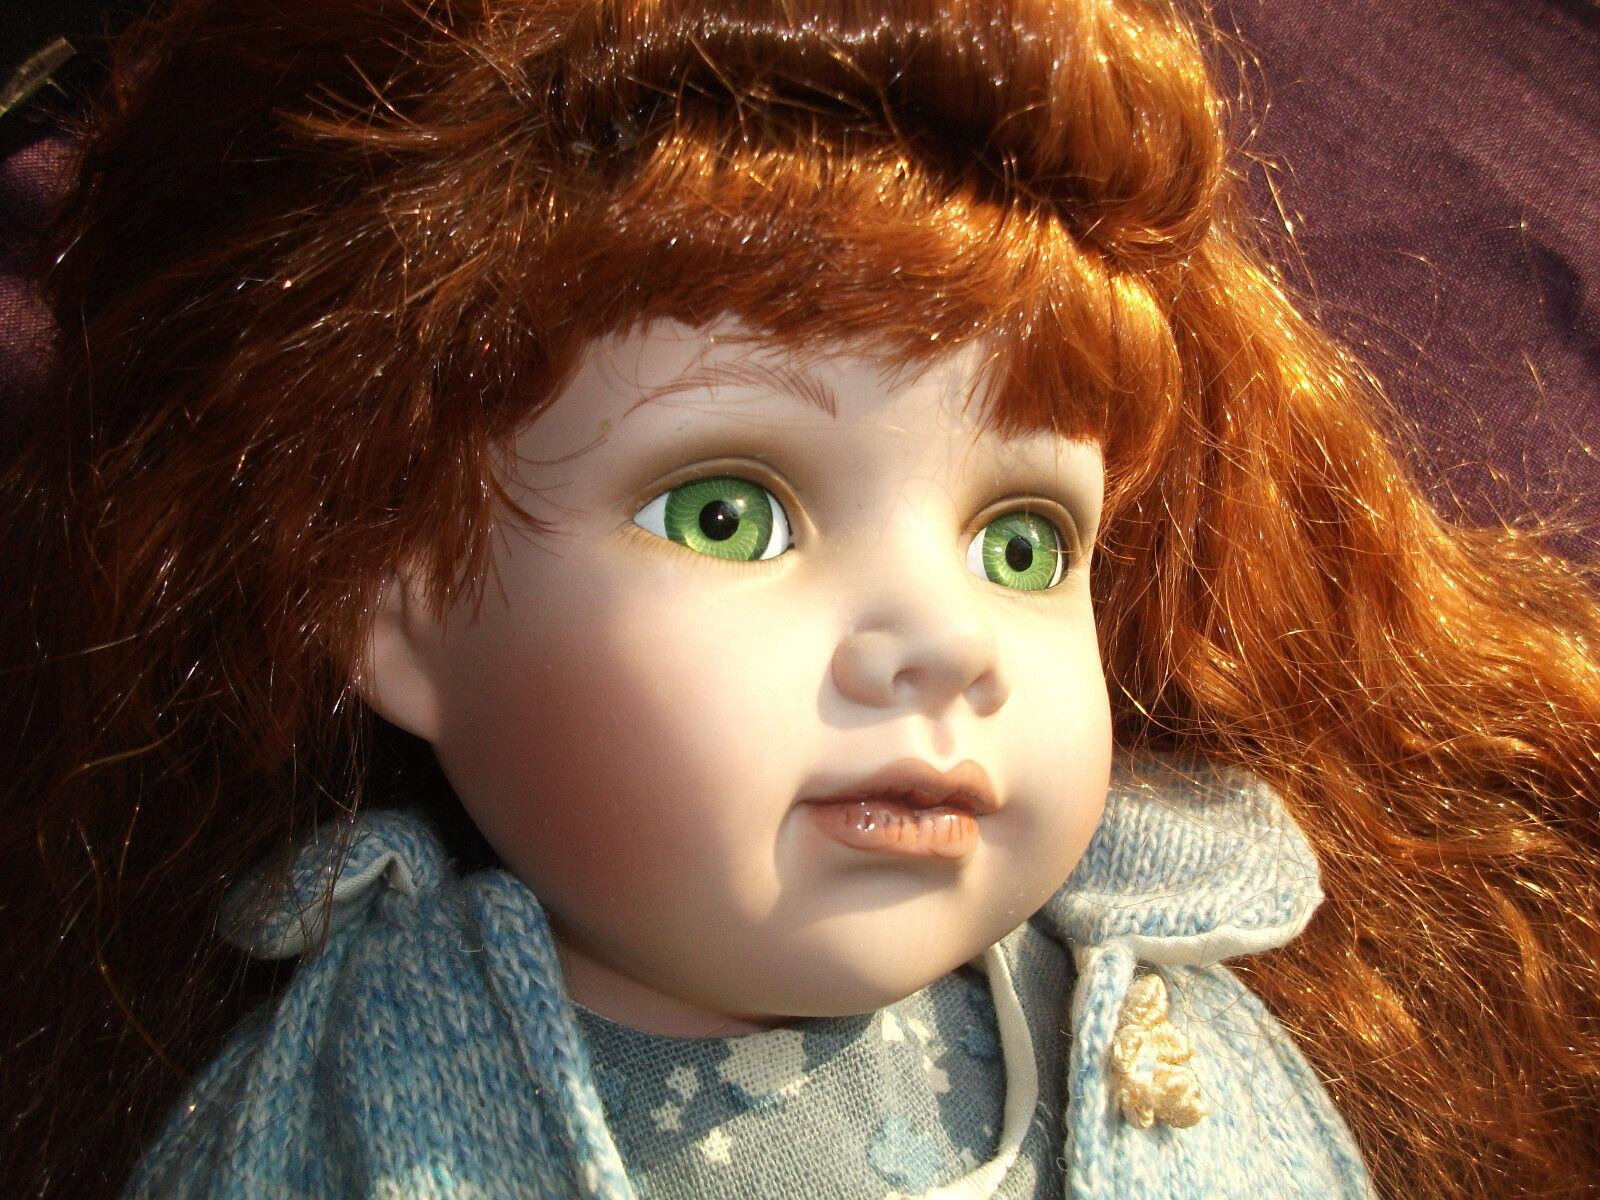 Duckhouse Reliquia De Porcelana Fina Ojos verdes Muñeca Dulce Hermoso Pelo Rojo